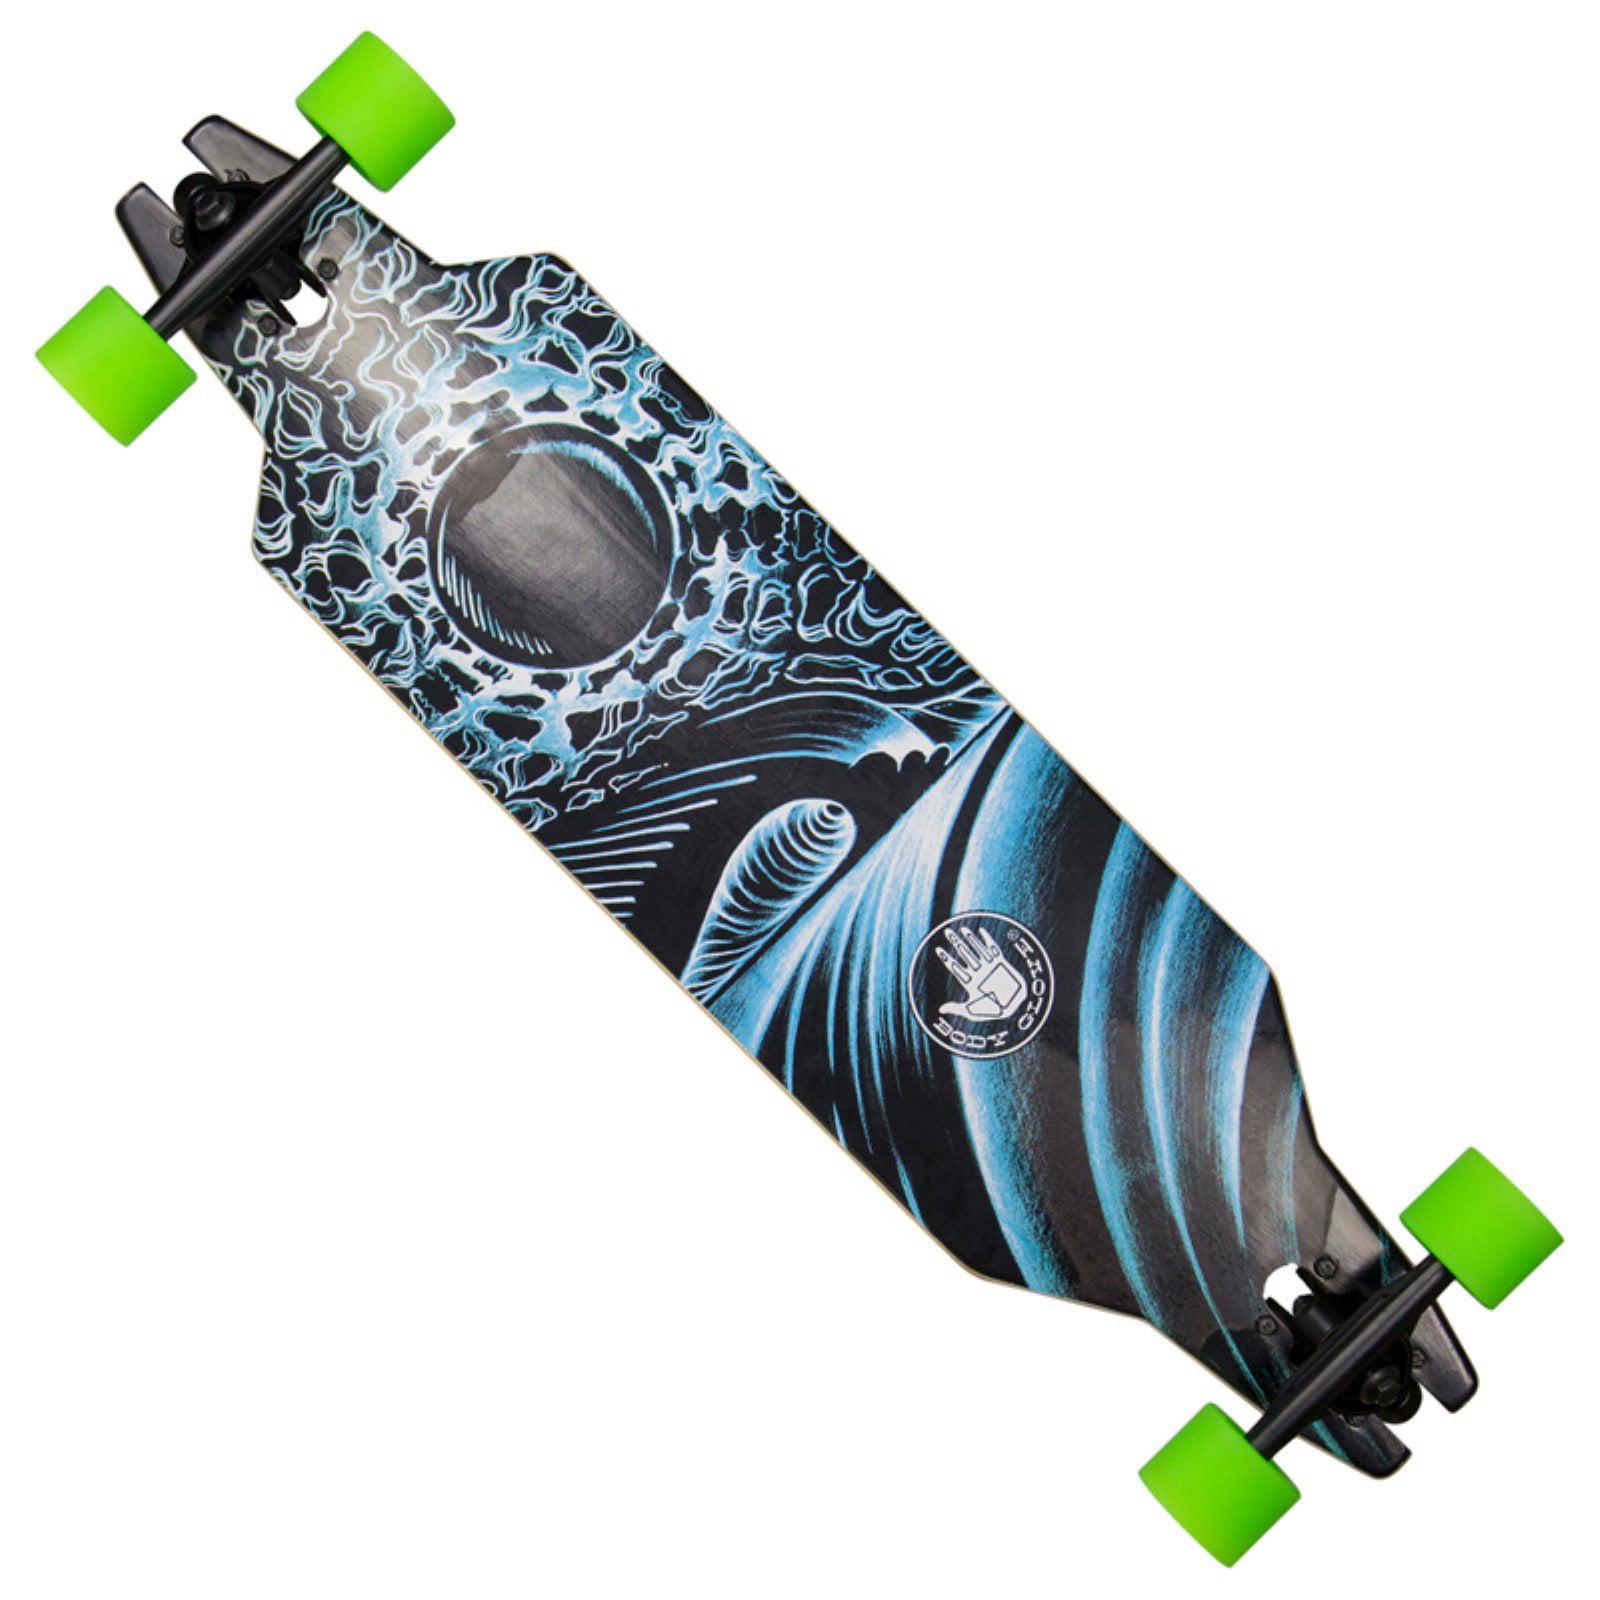 Body Glove Free Ride 36 in. Performance Longboard Skateboard by Overstock